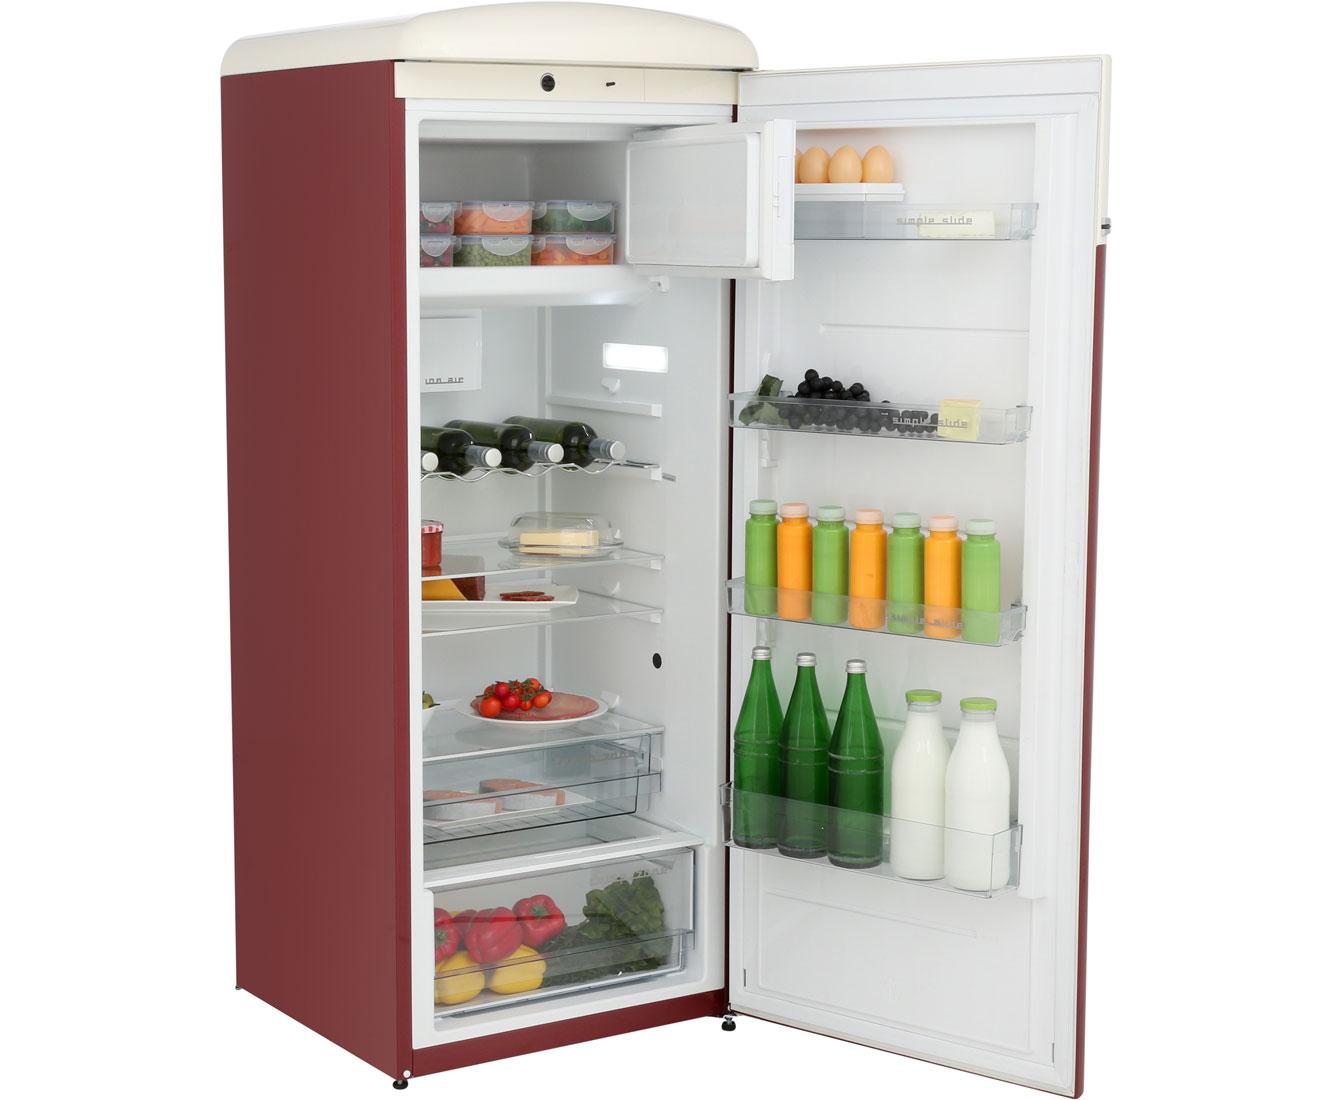 Gorenje Kühlschrank Rot : Kühlschrank edelstahl freistehend gorenje obrb 153 r kühlschrank